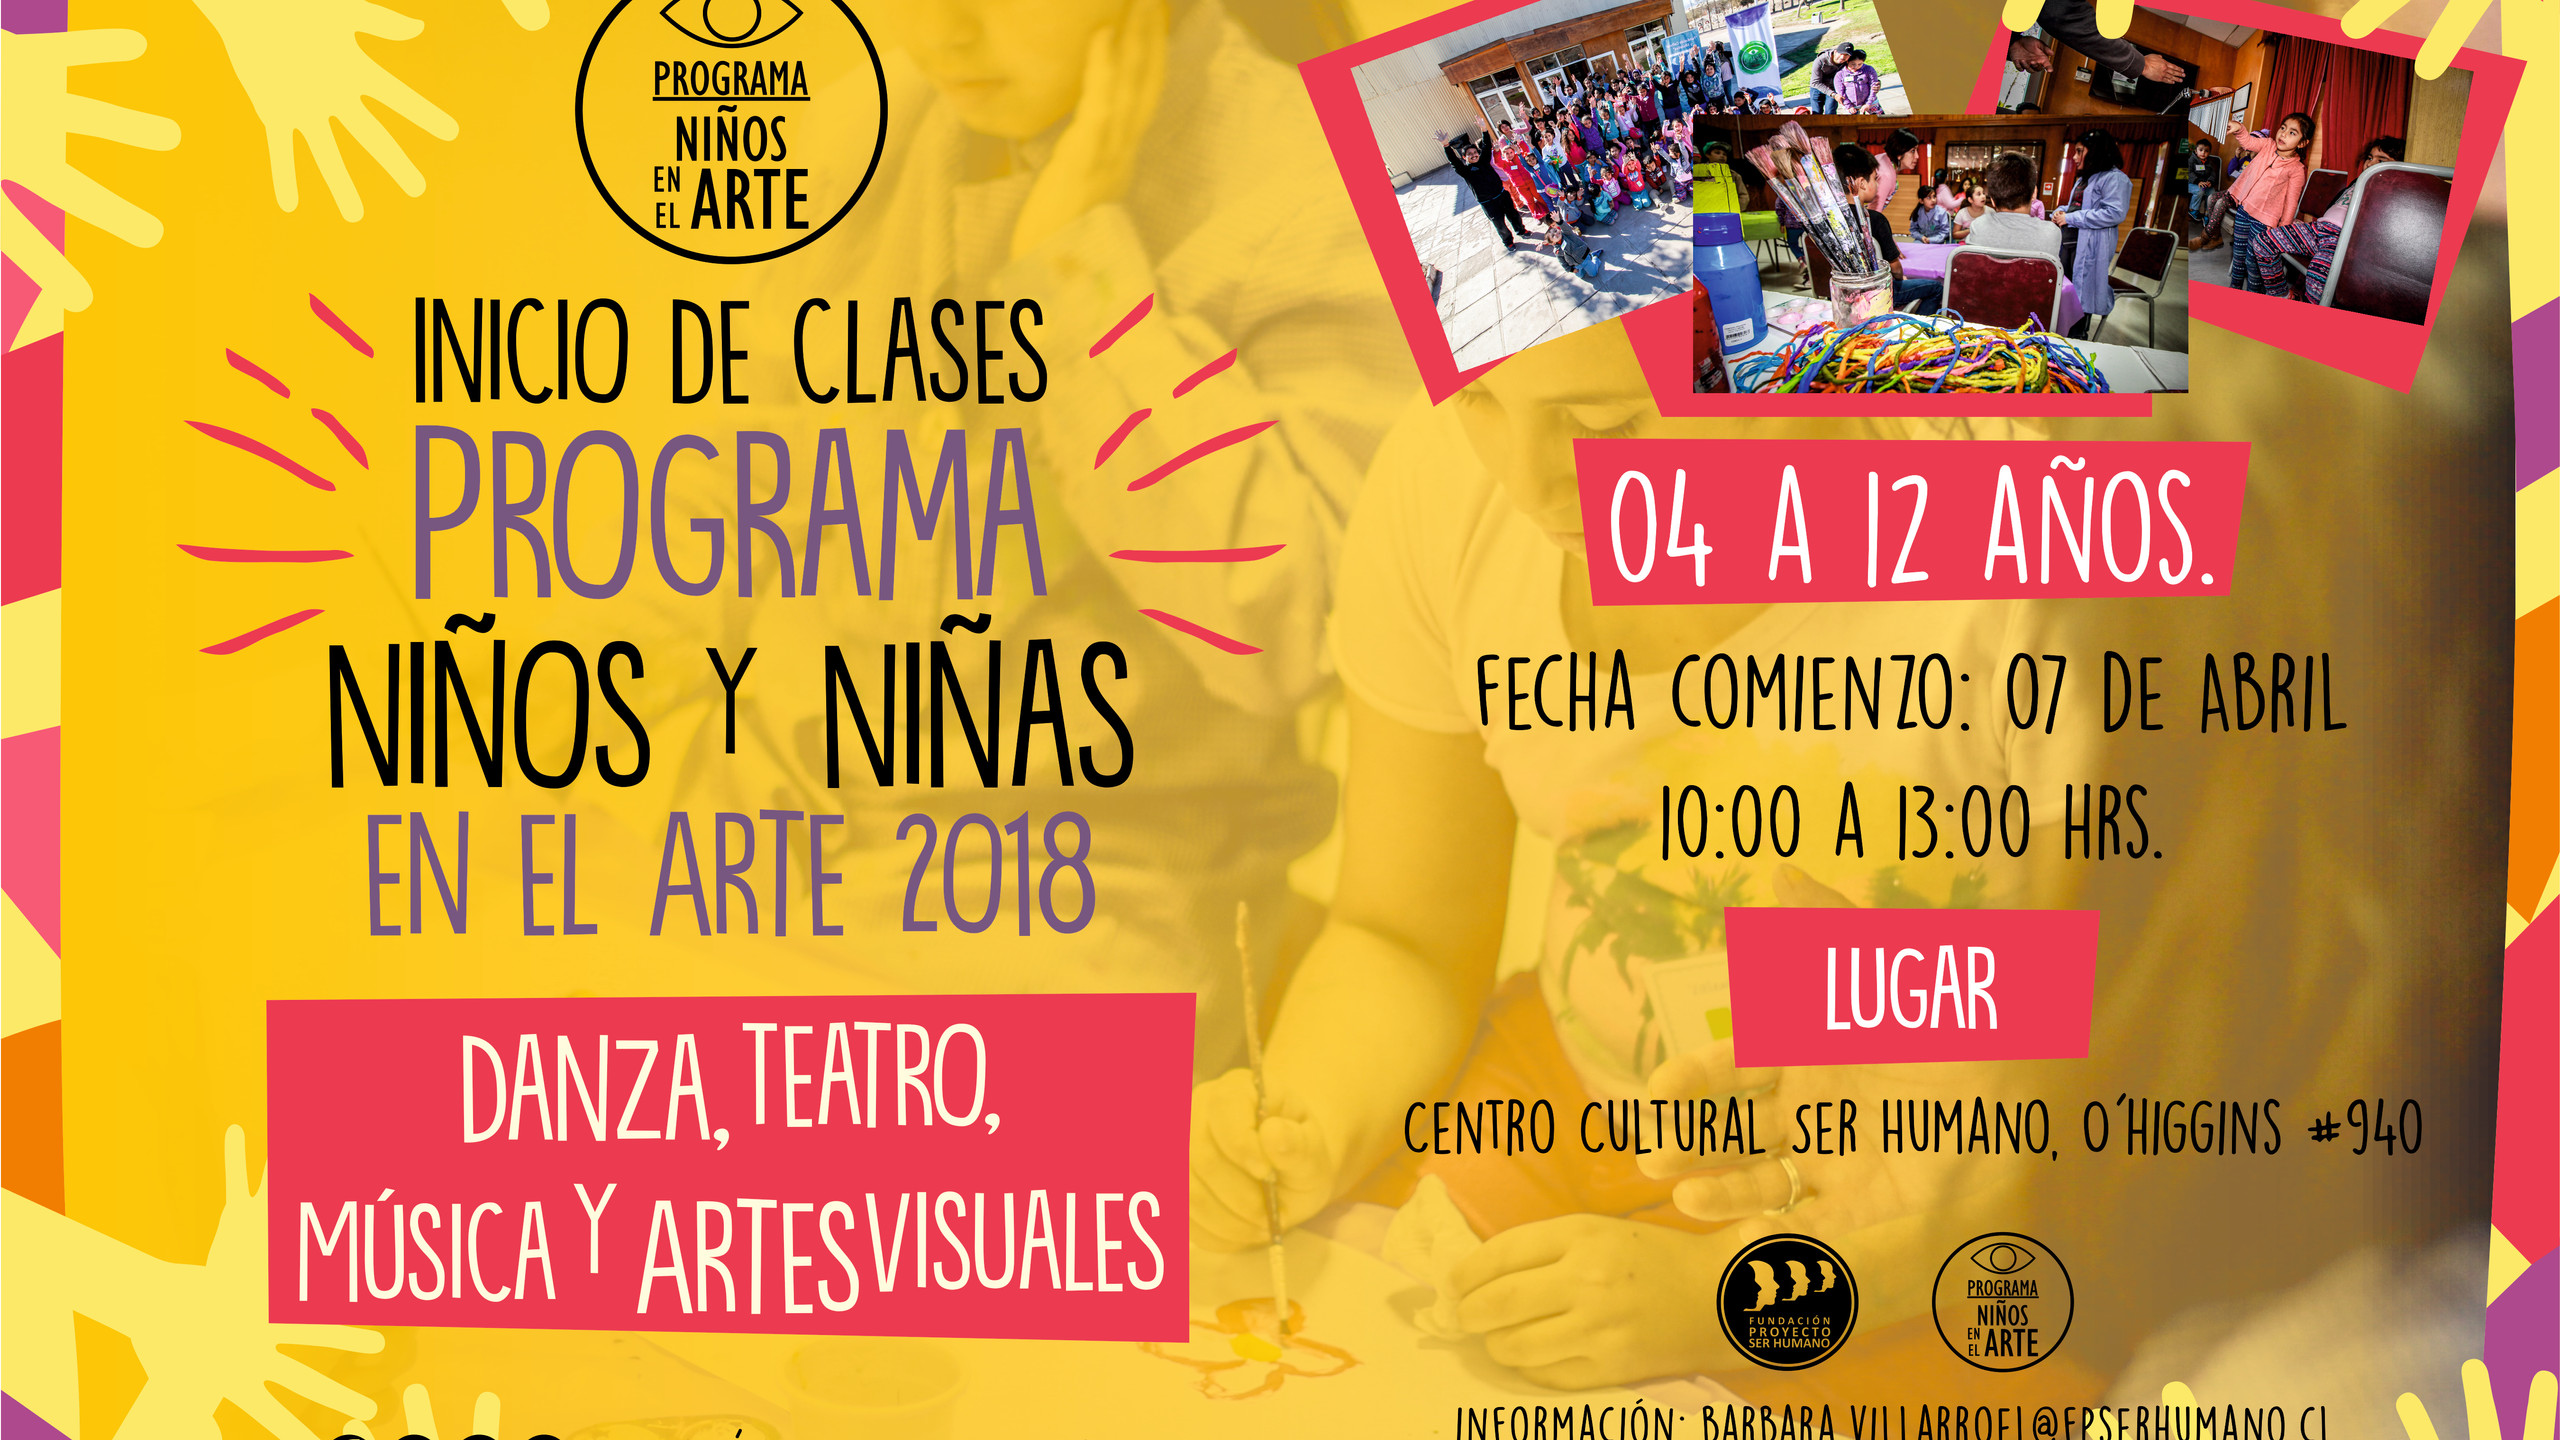 Programa Niños y Niñas en el Arte